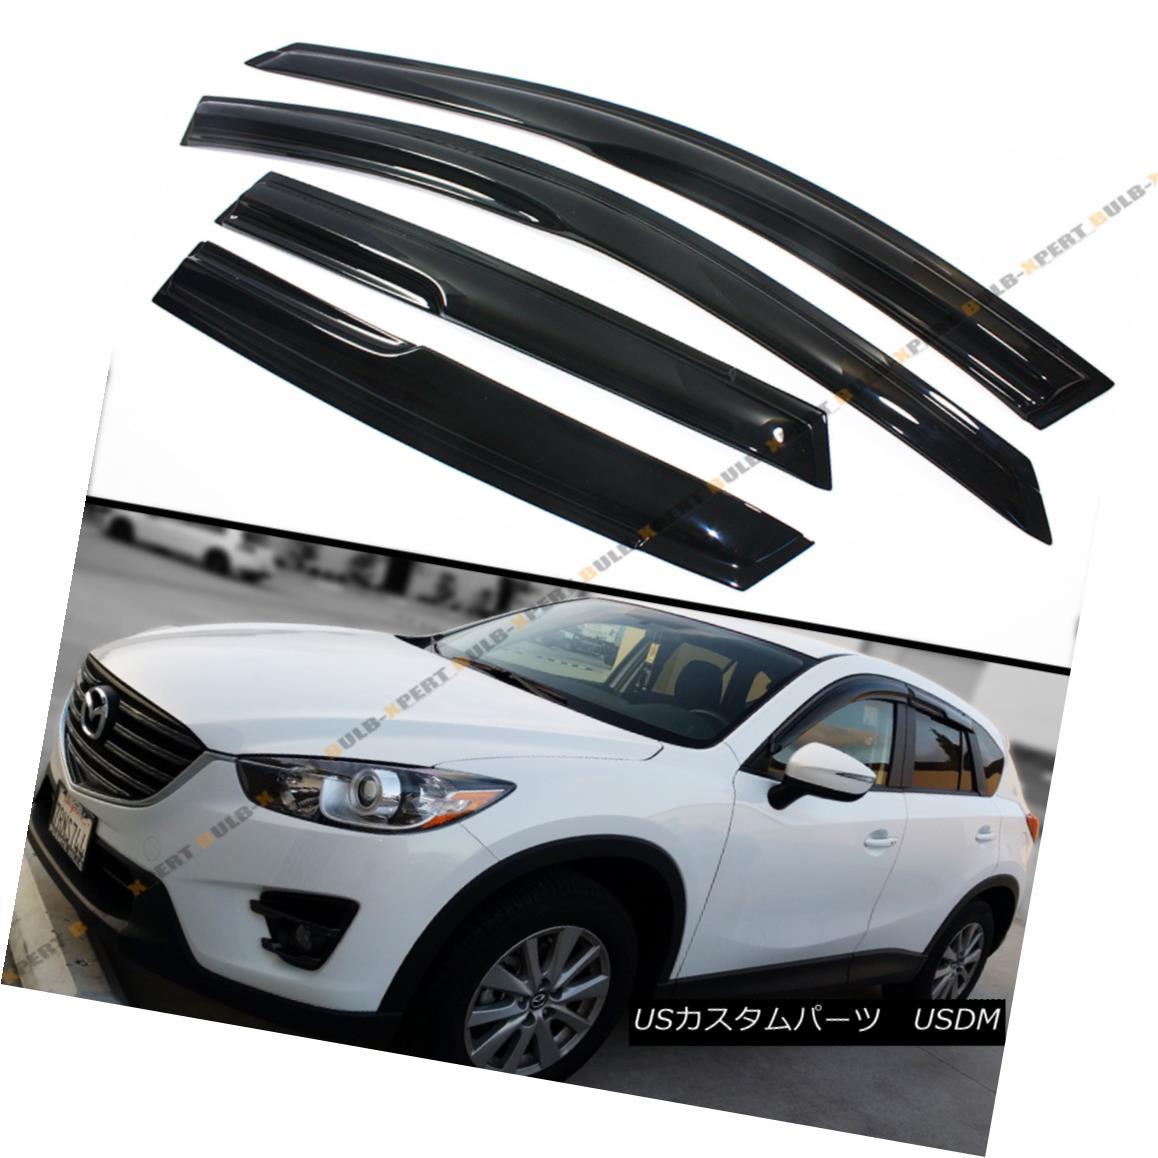 エアロパーツ FOR 2013-2016 MAZDA CX5 CX-5 SUV WAVY 3D SMOKE TINT WINDOW SUN RAIN GUARD VISOR 2013-2016 MAZDA CX5 CX-5 SUV WAVE 3D SMOKE TINT WINDOW SUN RAIN GUARD VISOR